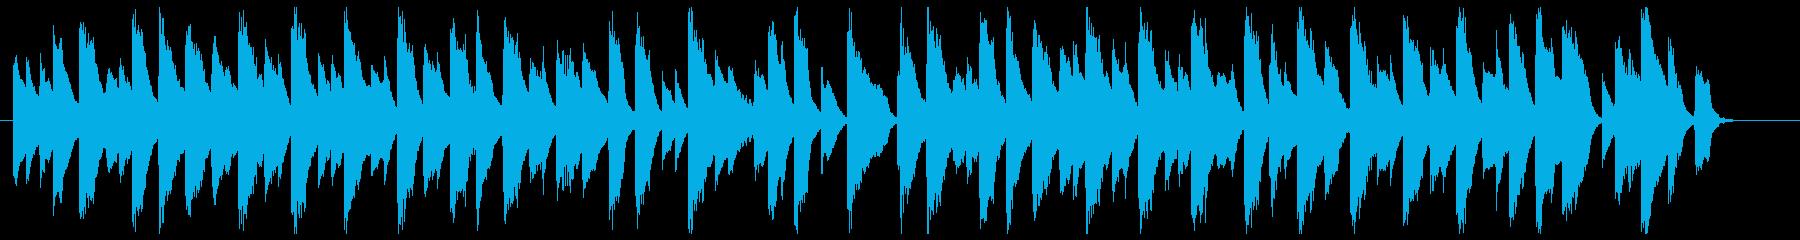 スローな古いジャズピアノ(ブルース寄り)の再生済みの波形